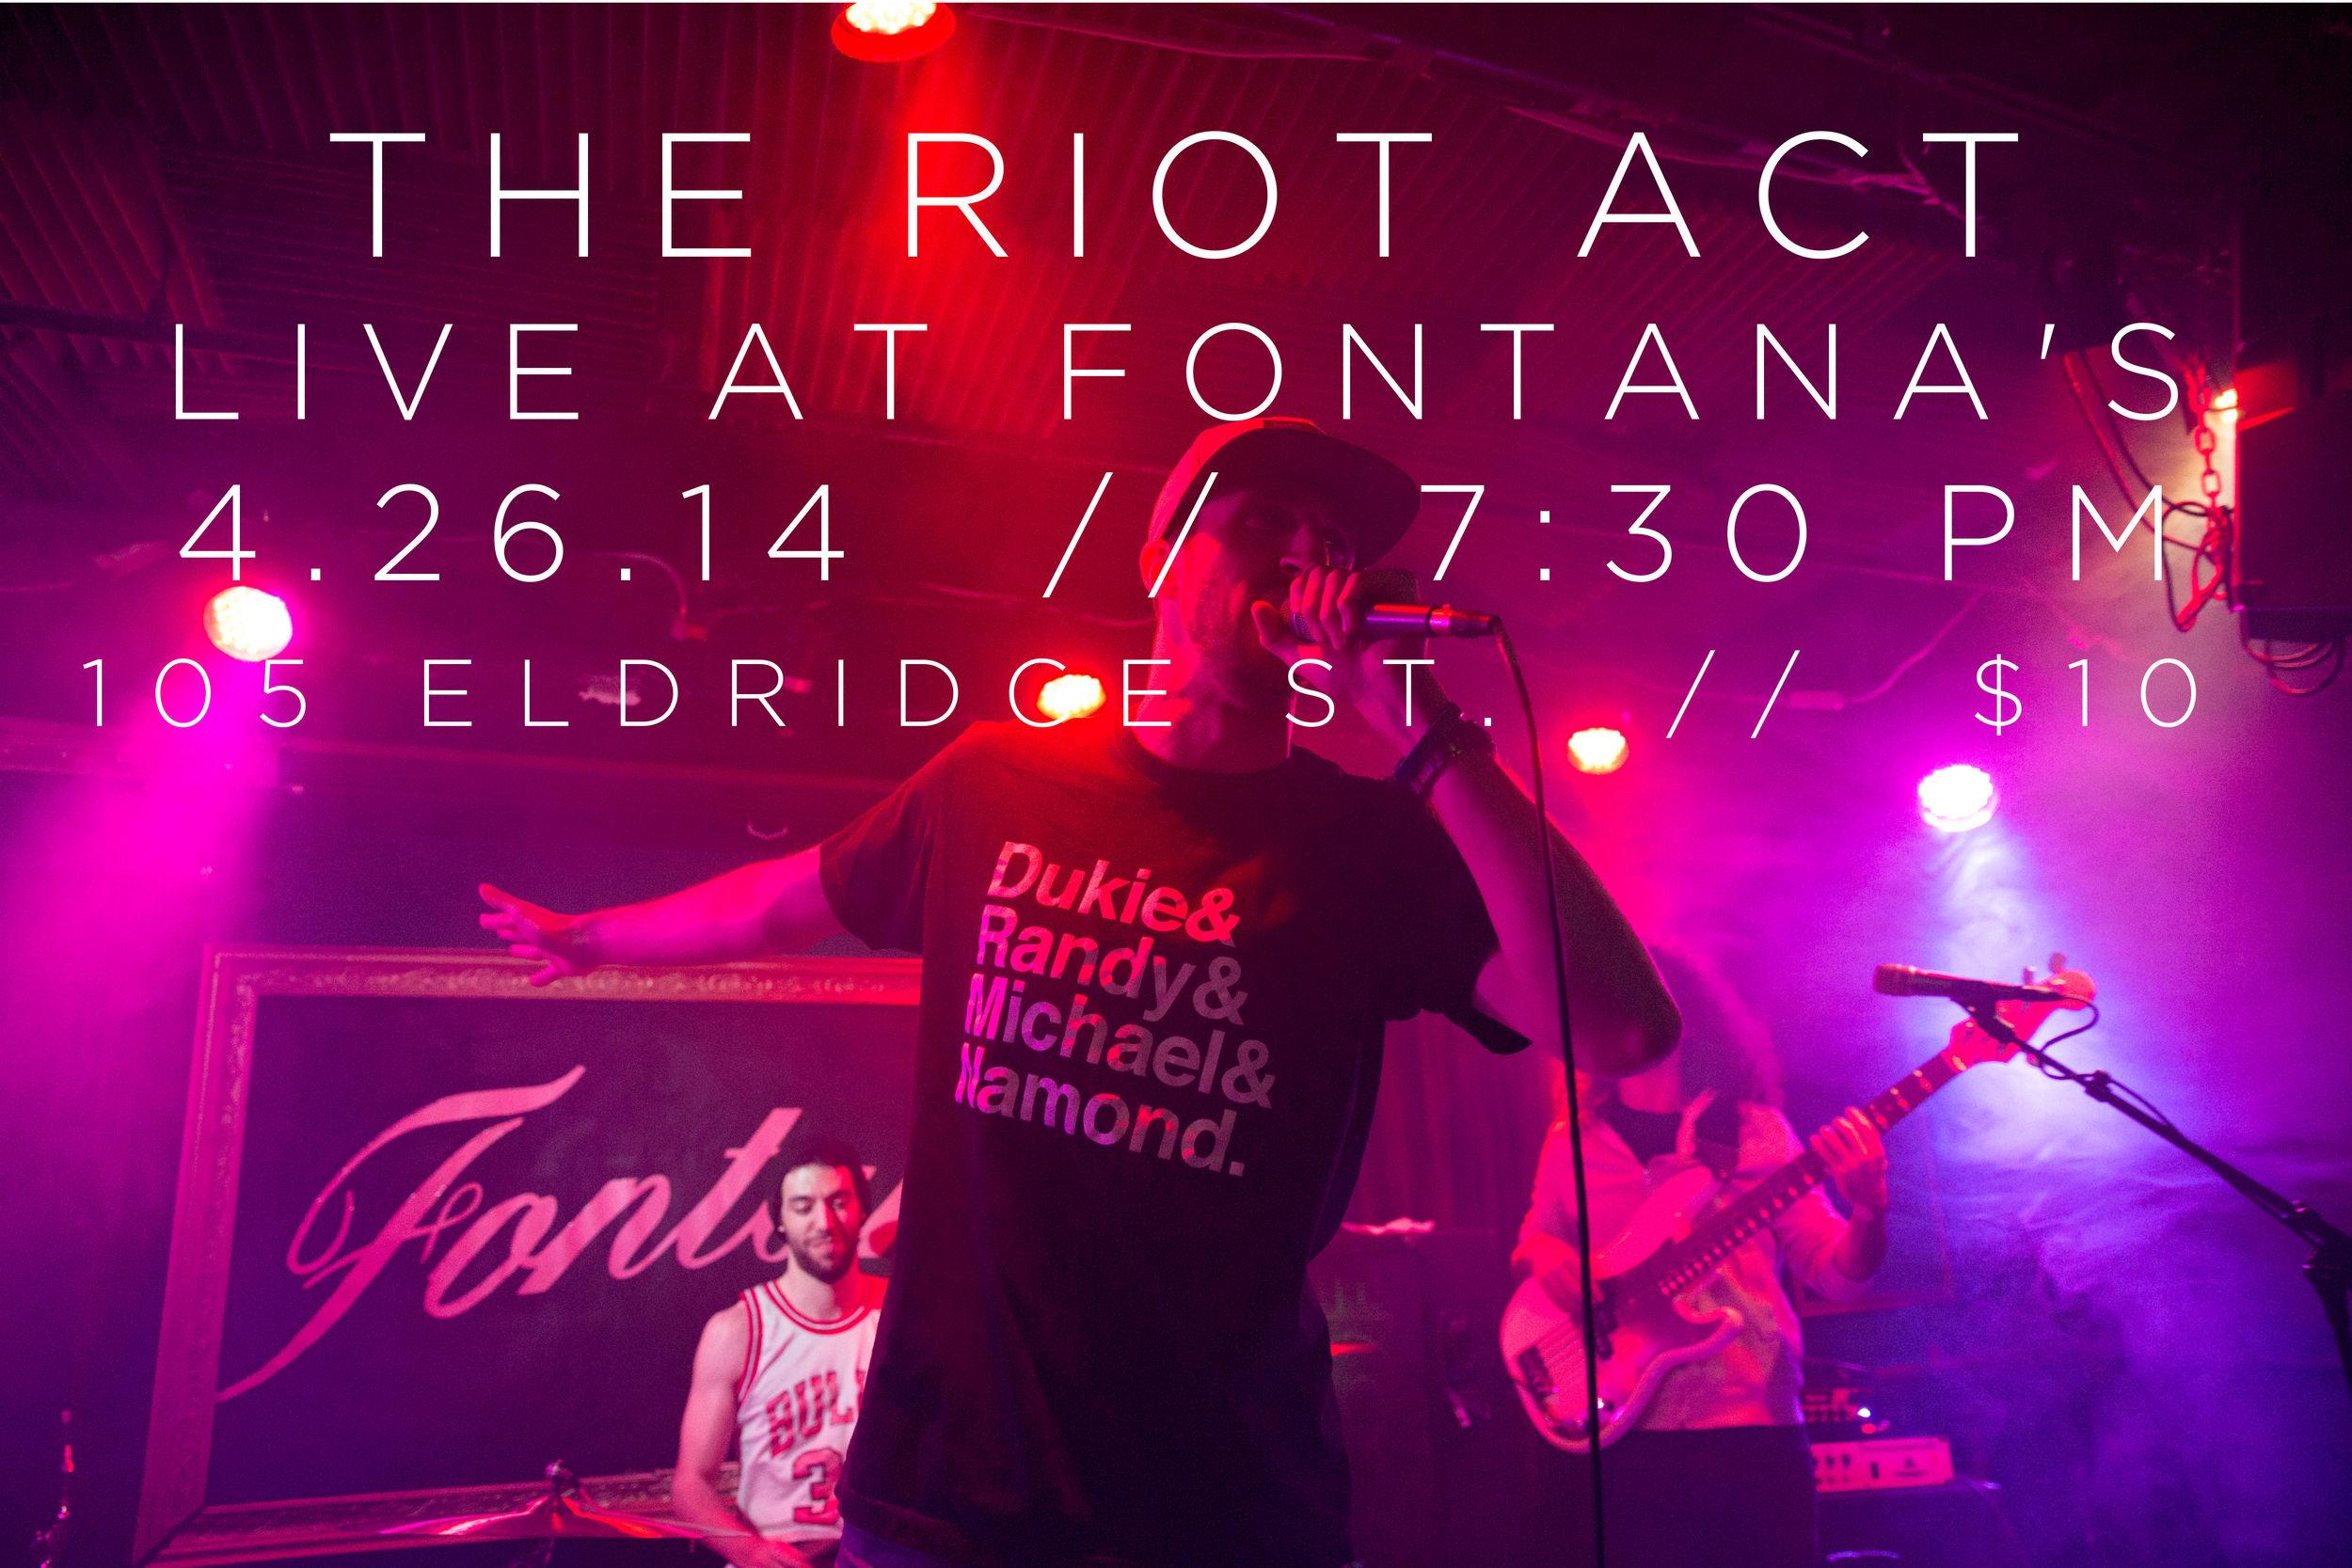 RiotActFontanasPromo3.jpg